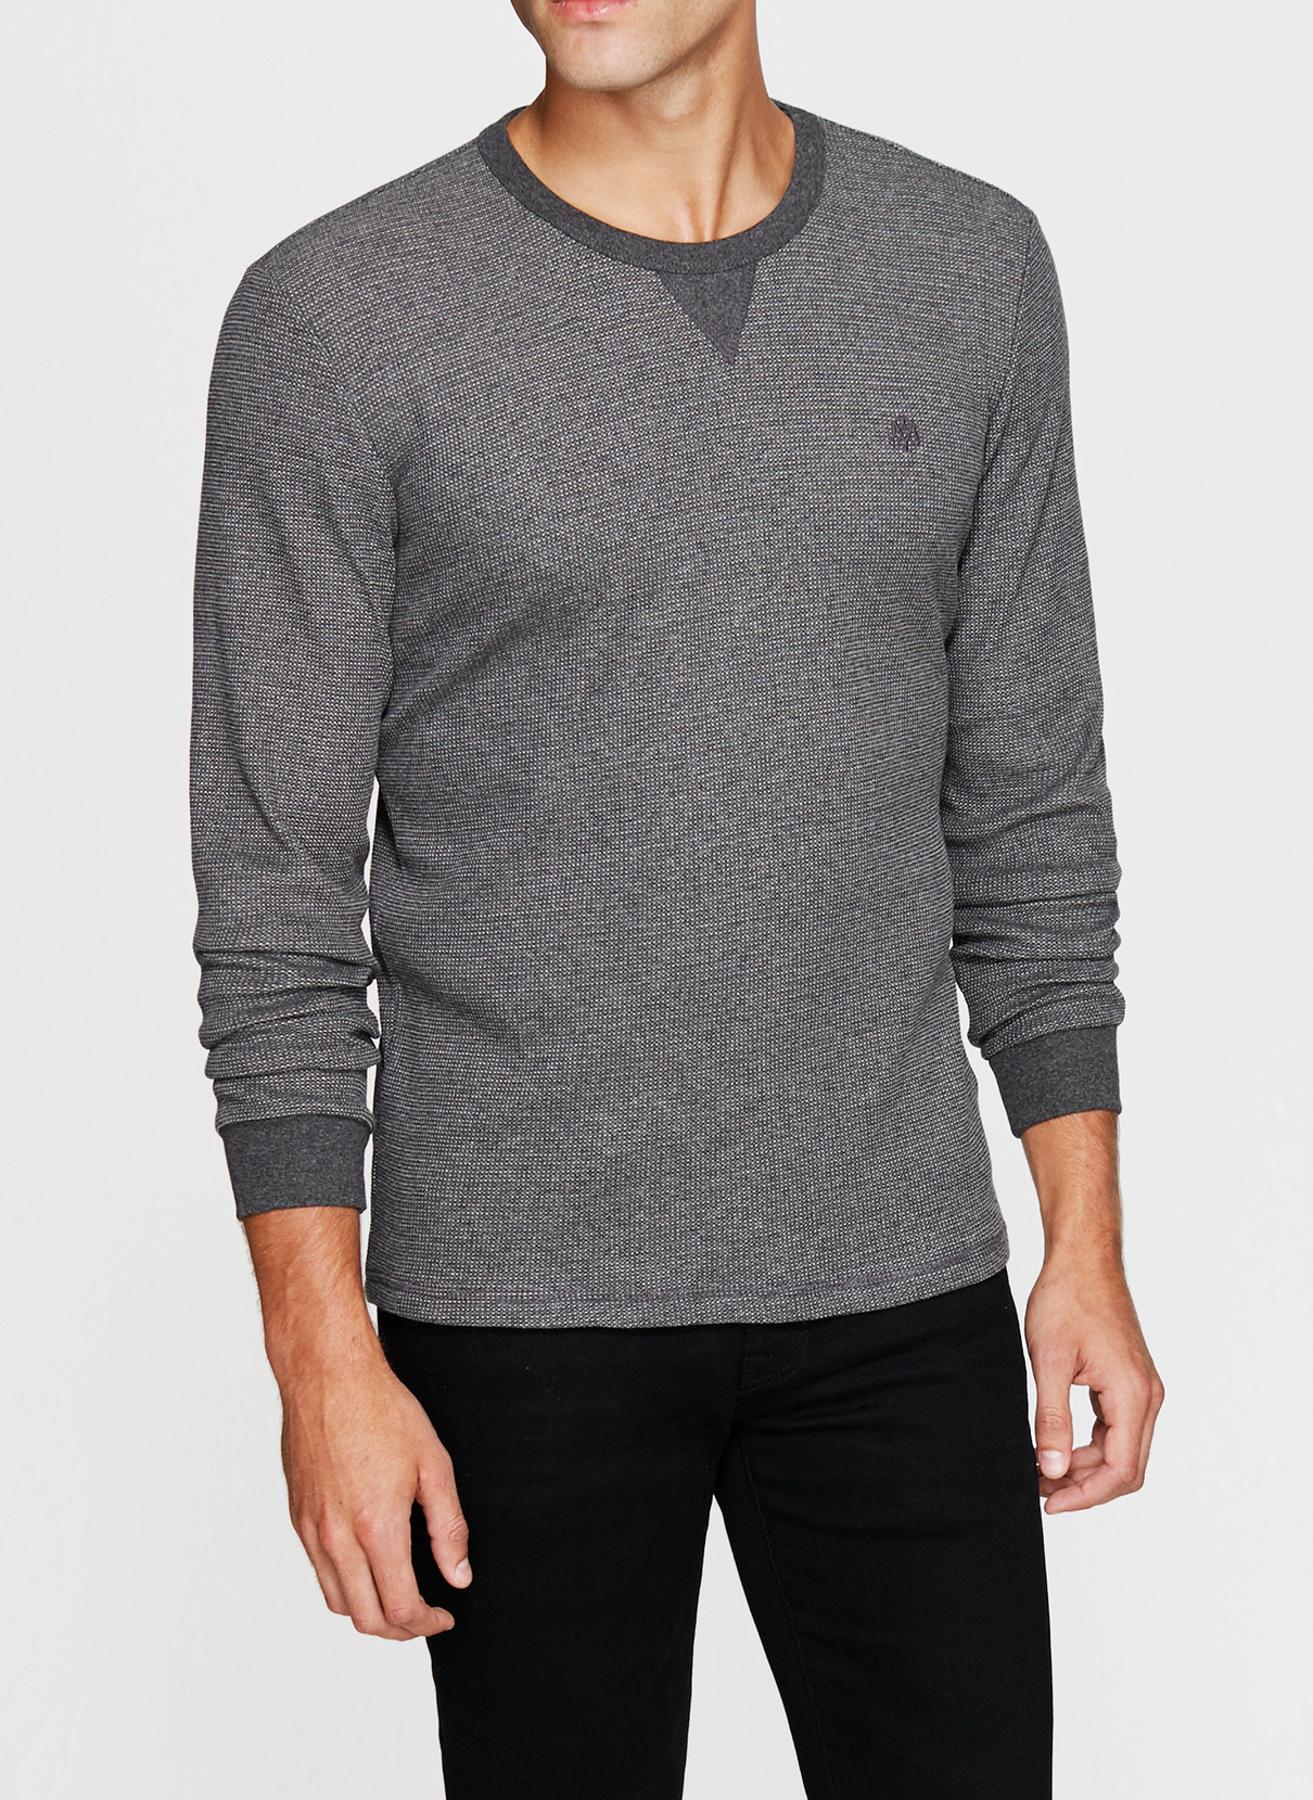 Mavi T-Shirt M 5001634557002 Ürün Resmi